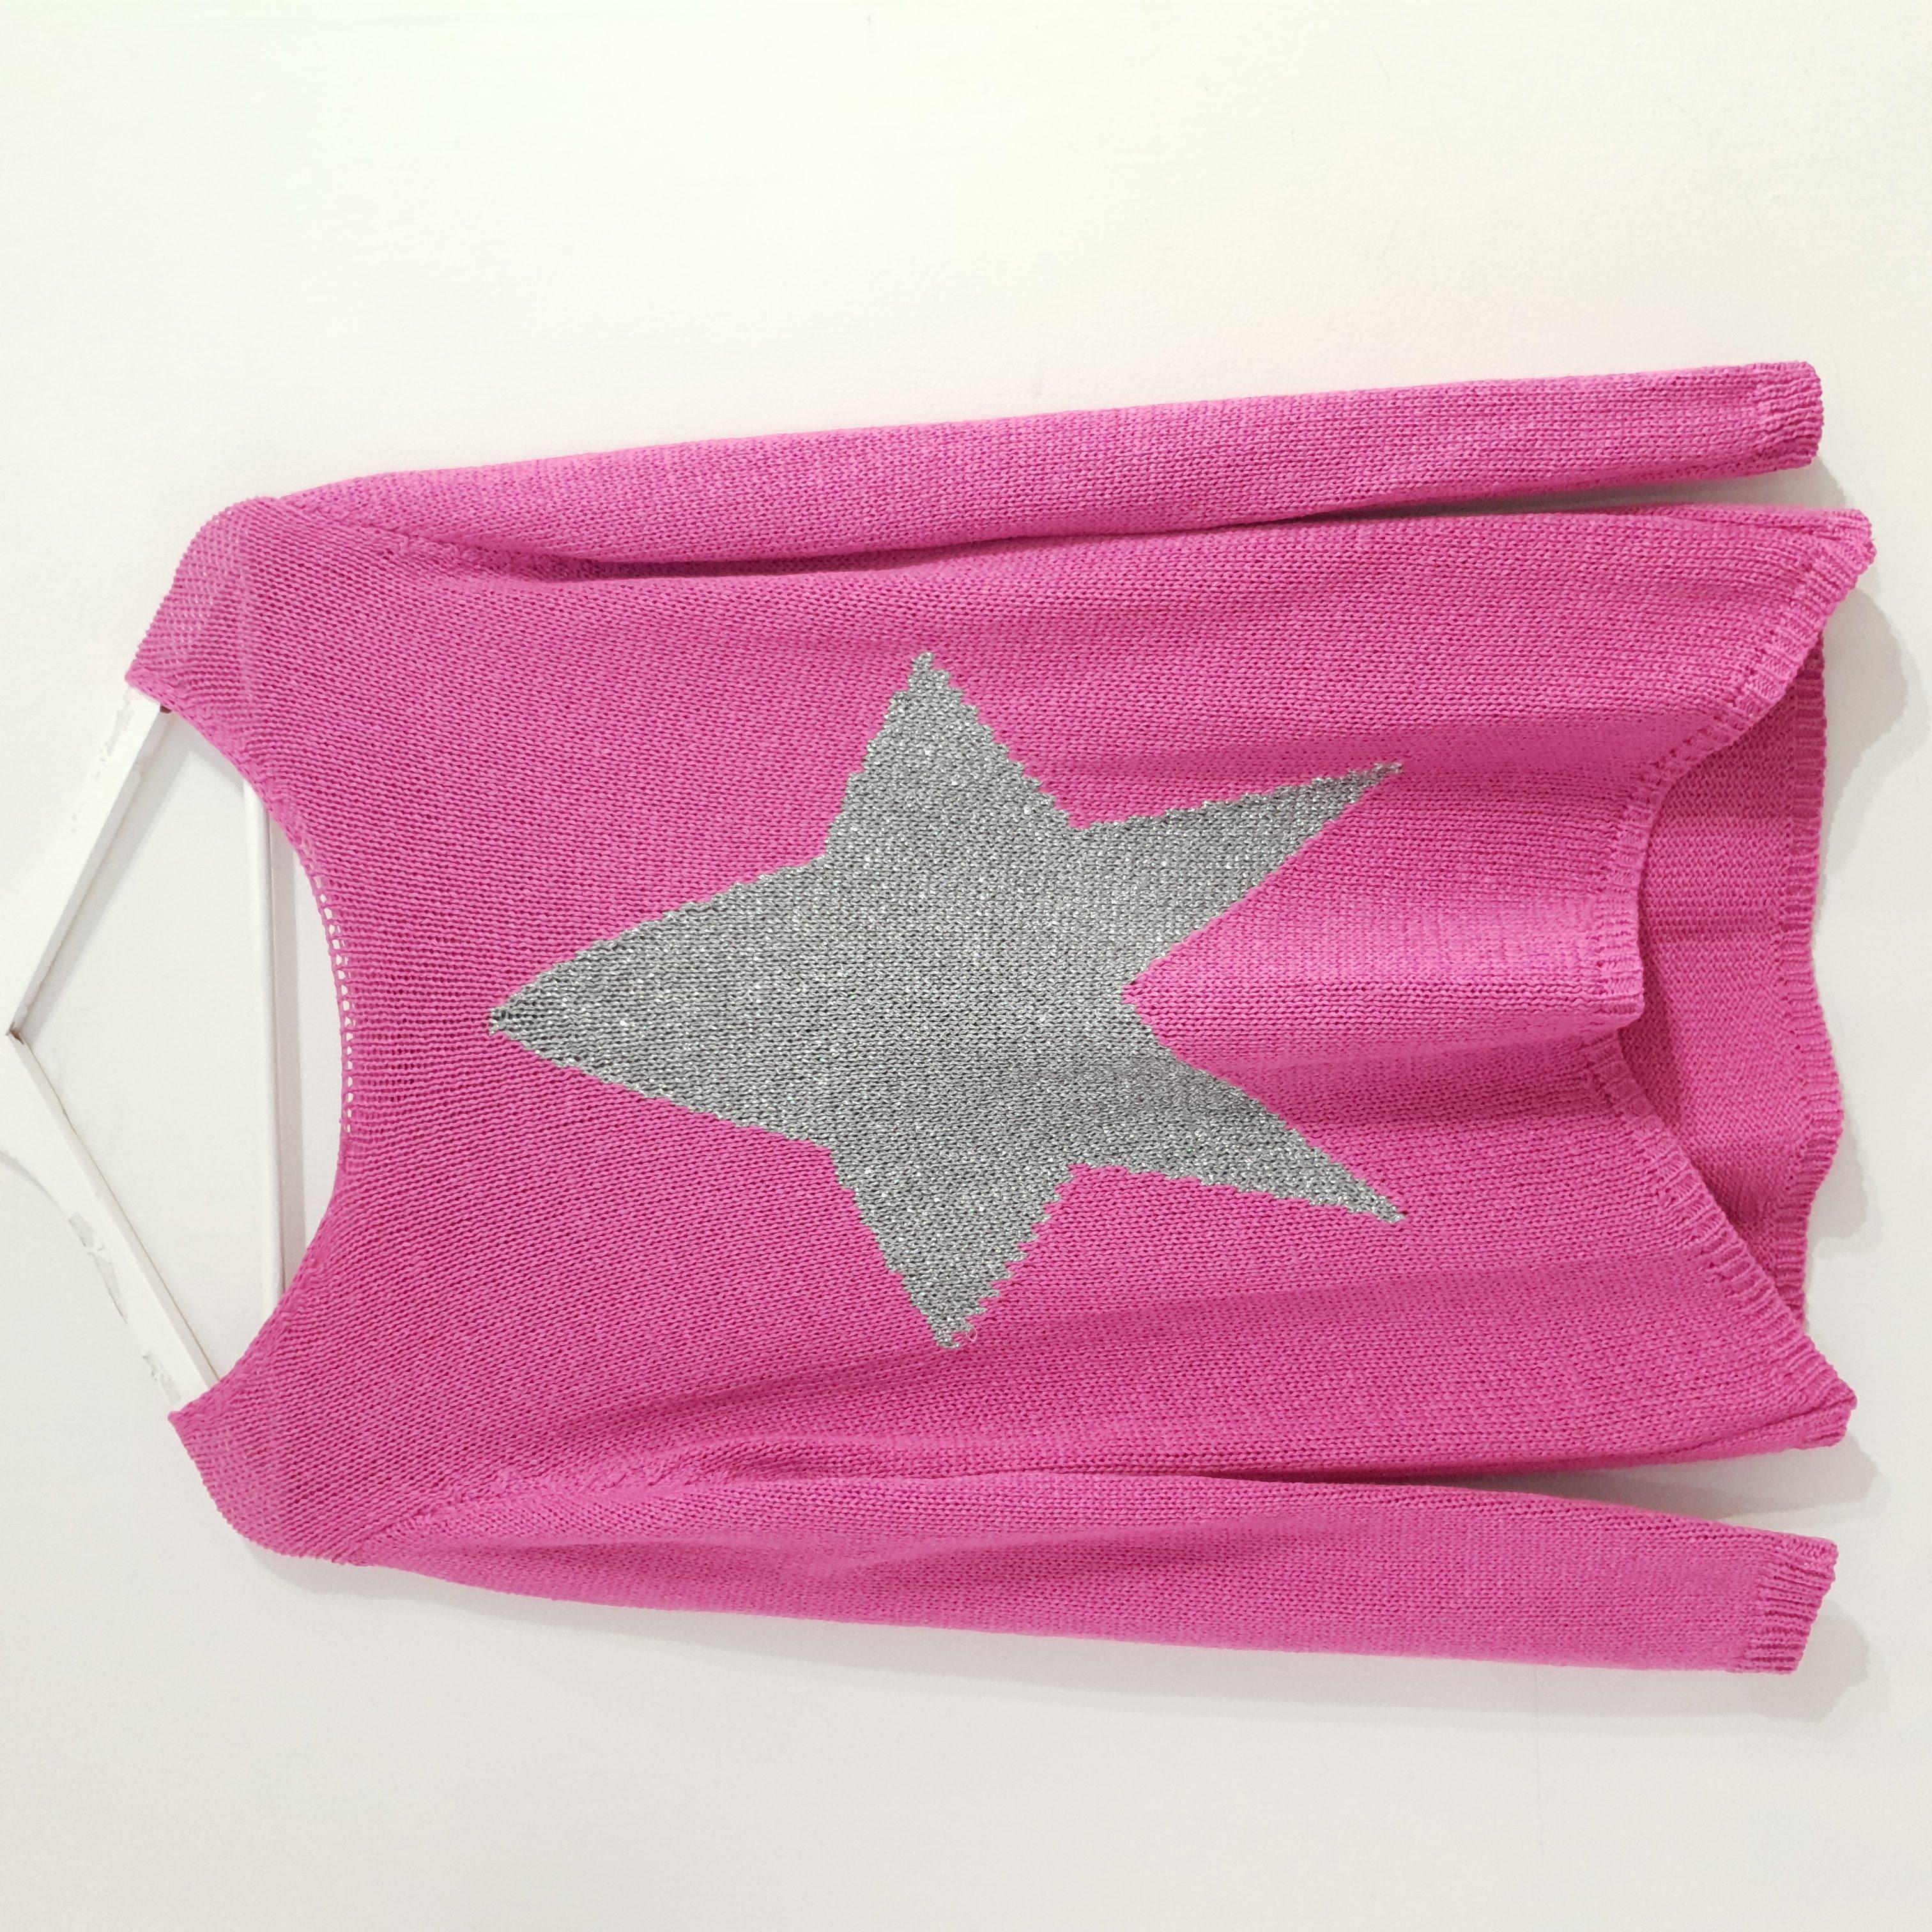 Studio Hot Pink Star Crochet Knit Jumper